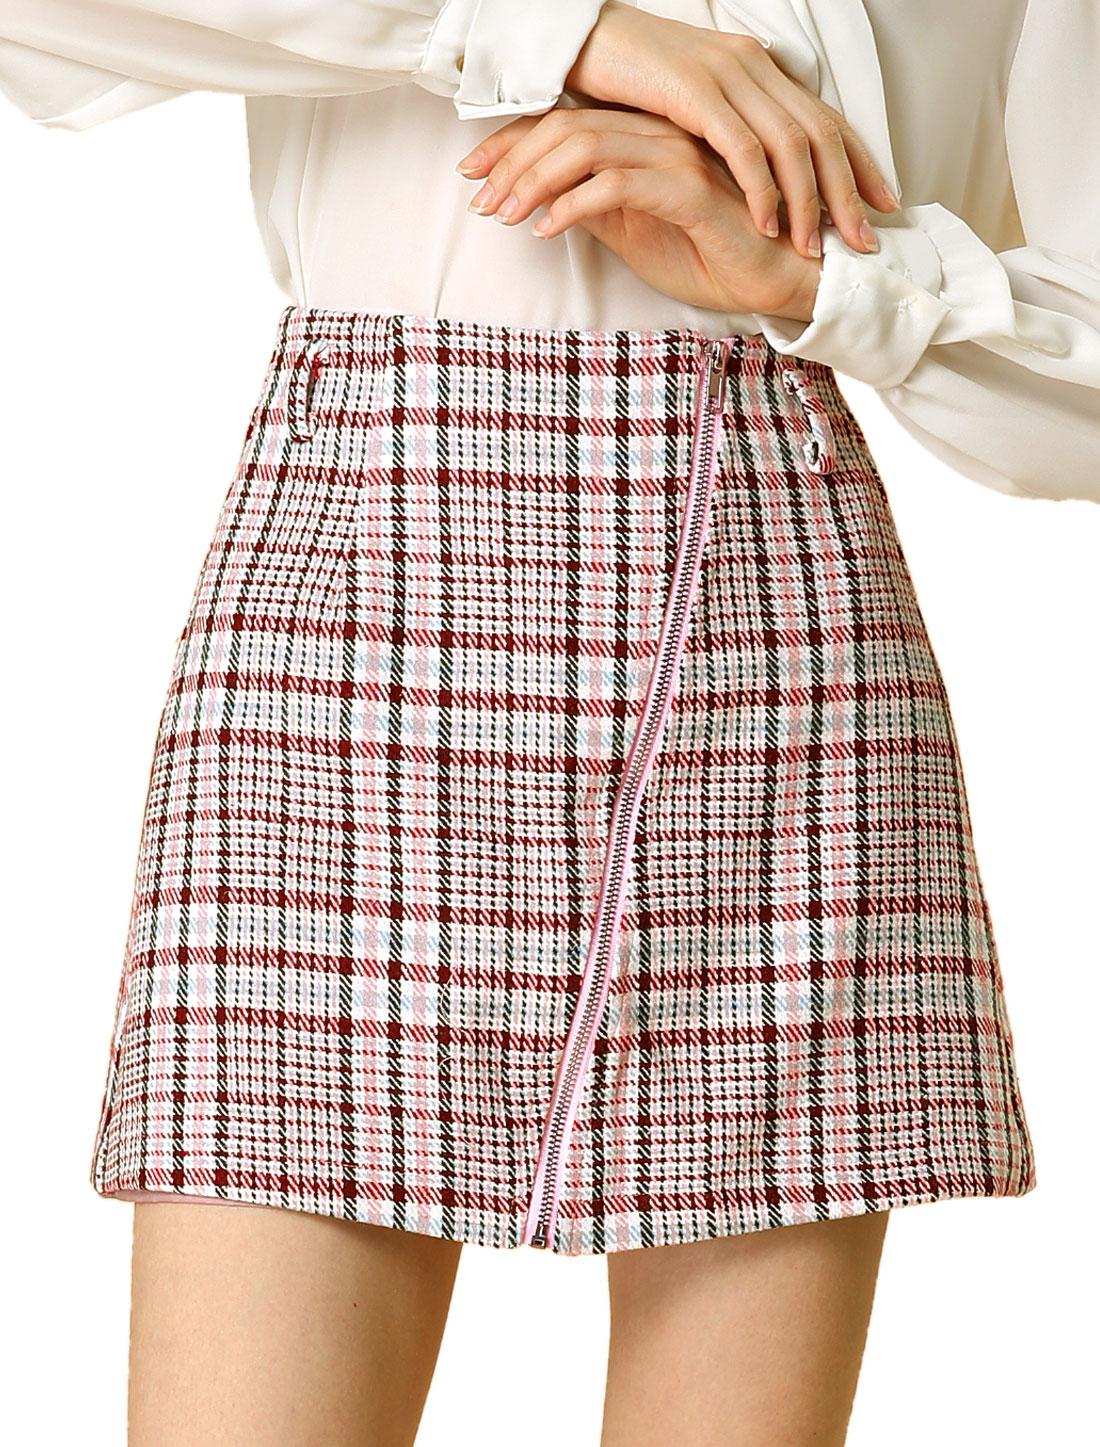 Allegra K Women's Zip High Waist Aline Plaids Skirt with Belt PINK S (US 6)